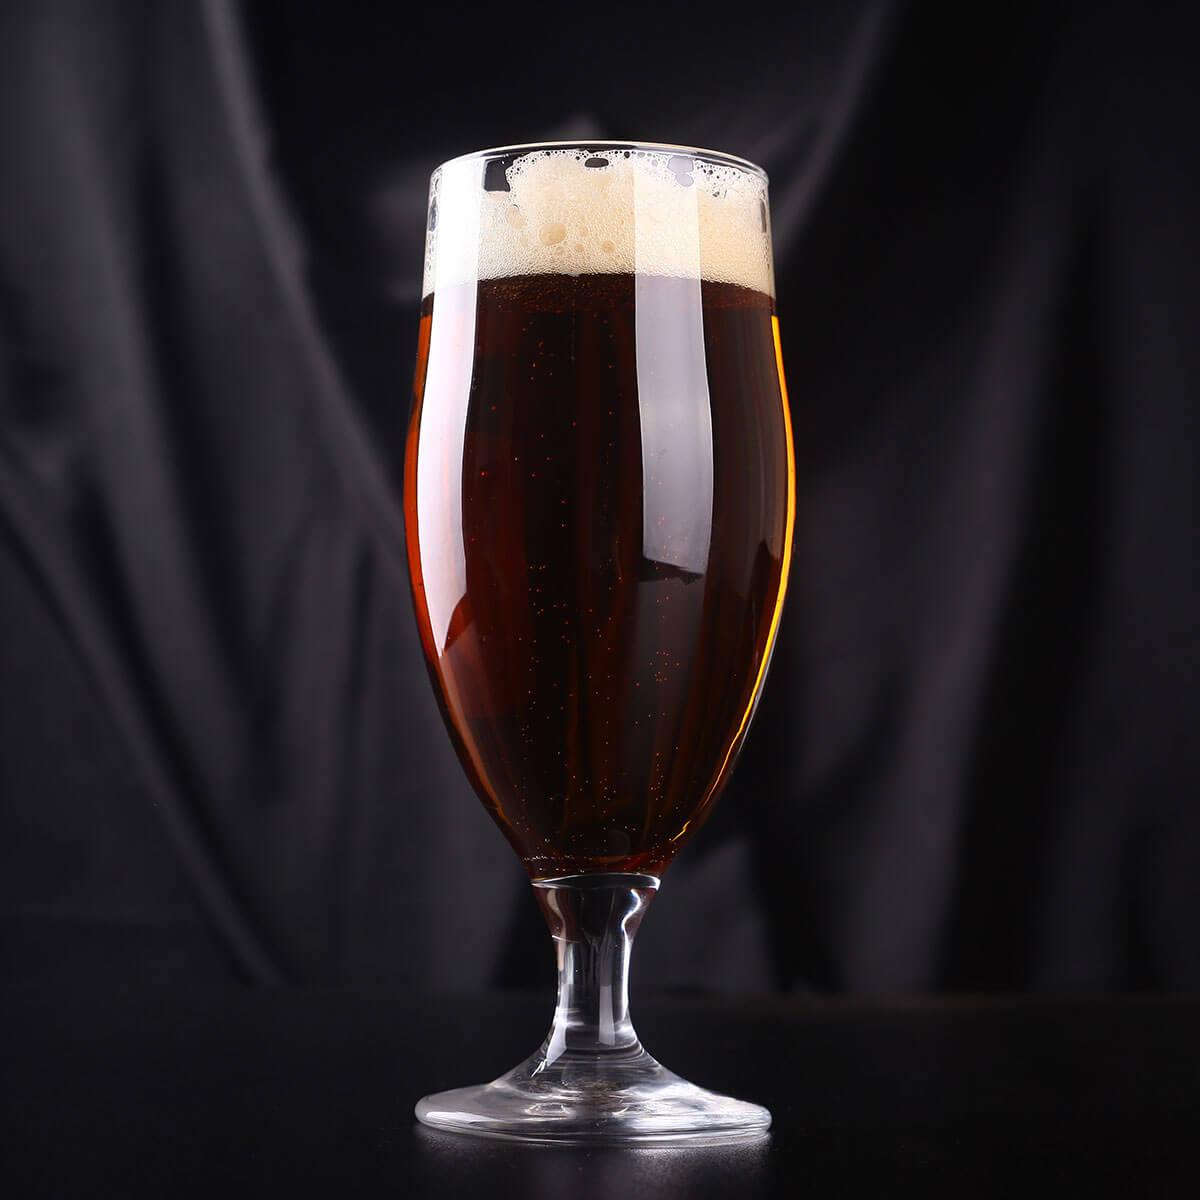 Scottish Ale in a Tulip Glass